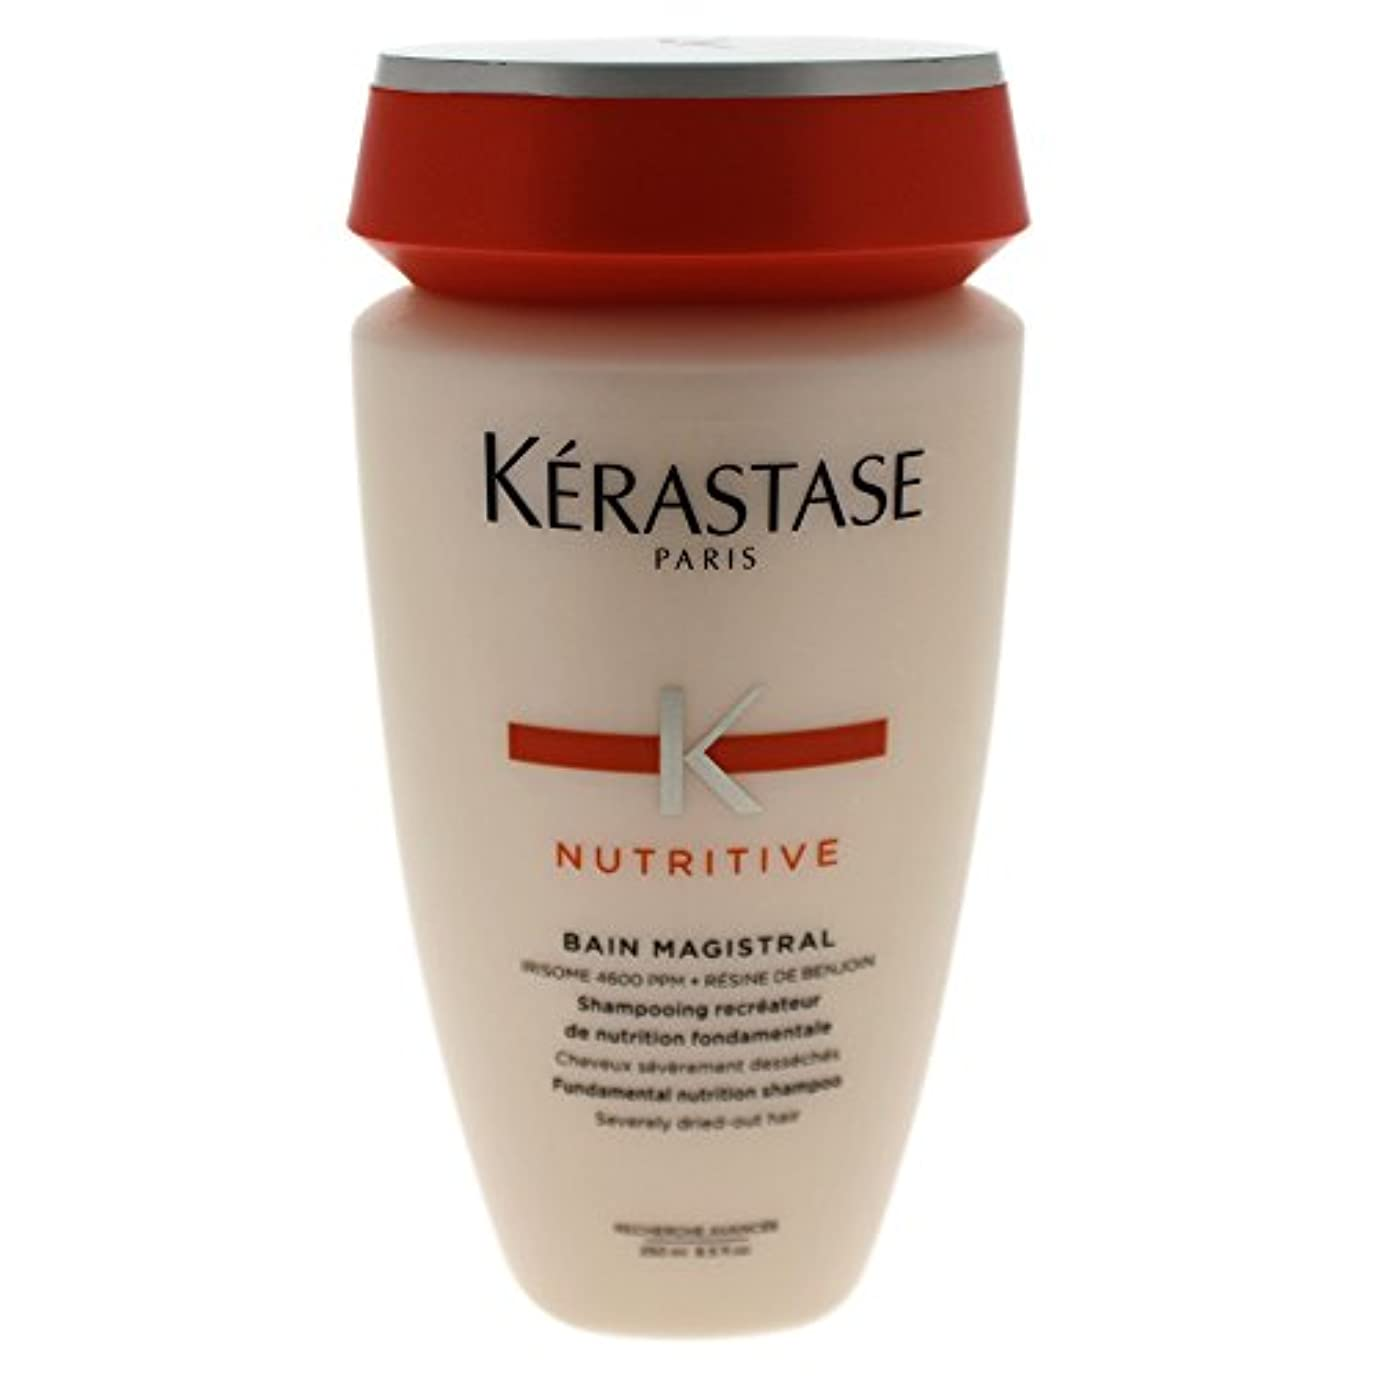 差し控える出席する夕食を作るケラスターゼ(KERASTASE) ニュートリティブ NU バン マジストラル 250ml [並行輸入品]